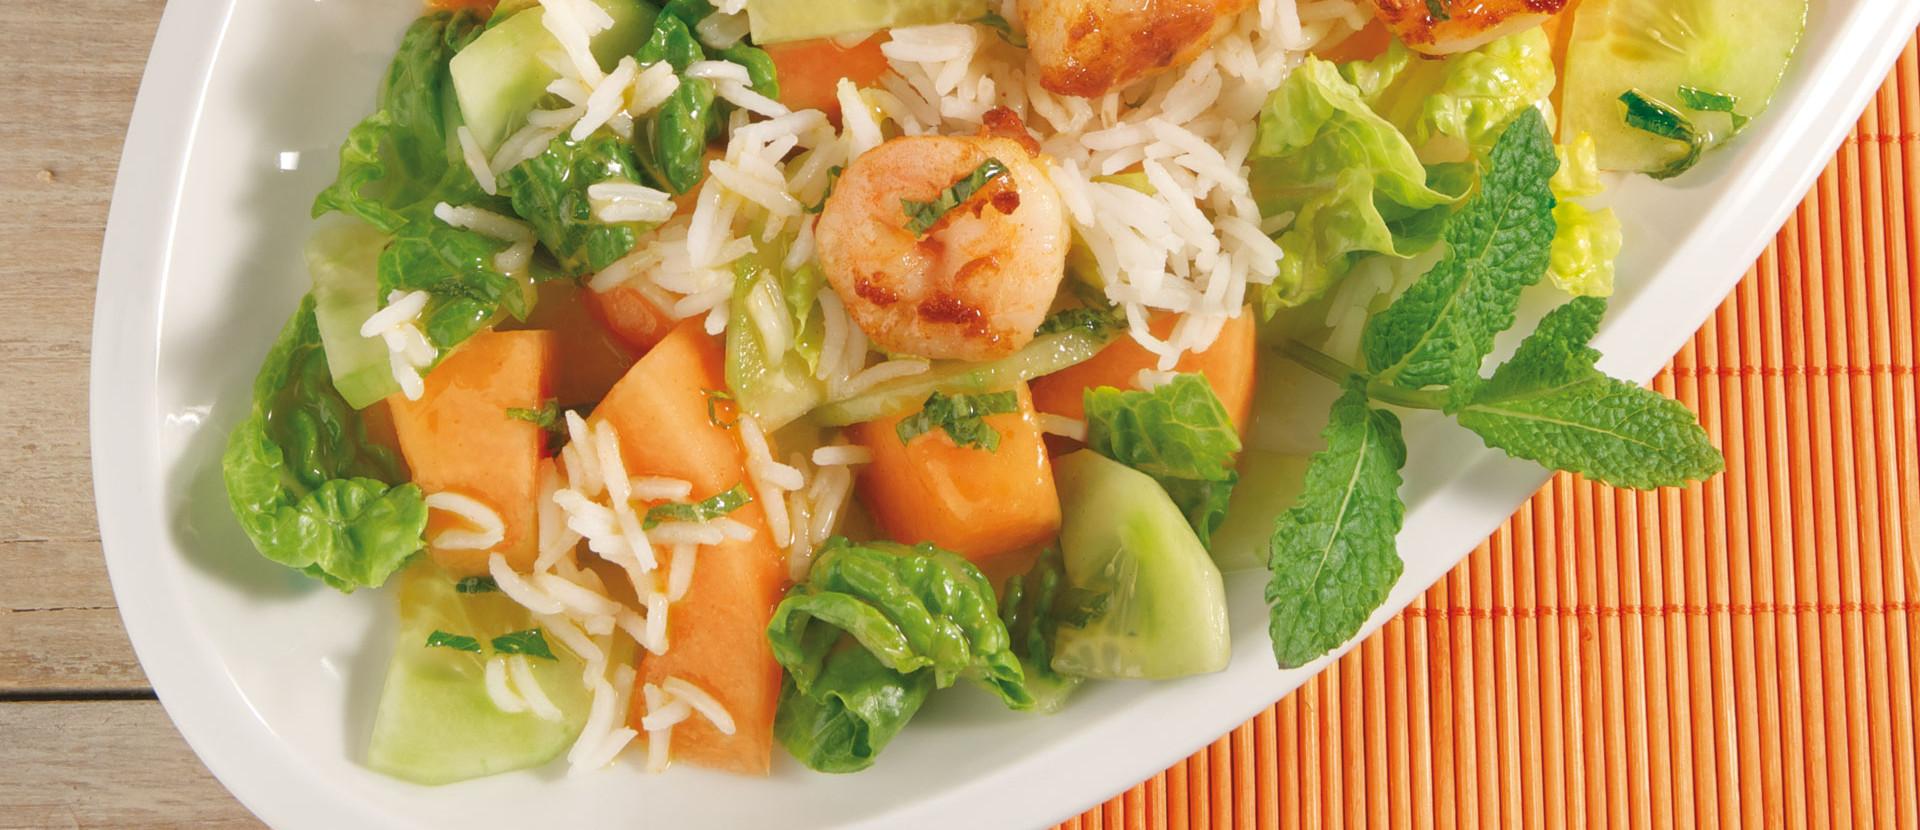 Melonen-Reis-Salat